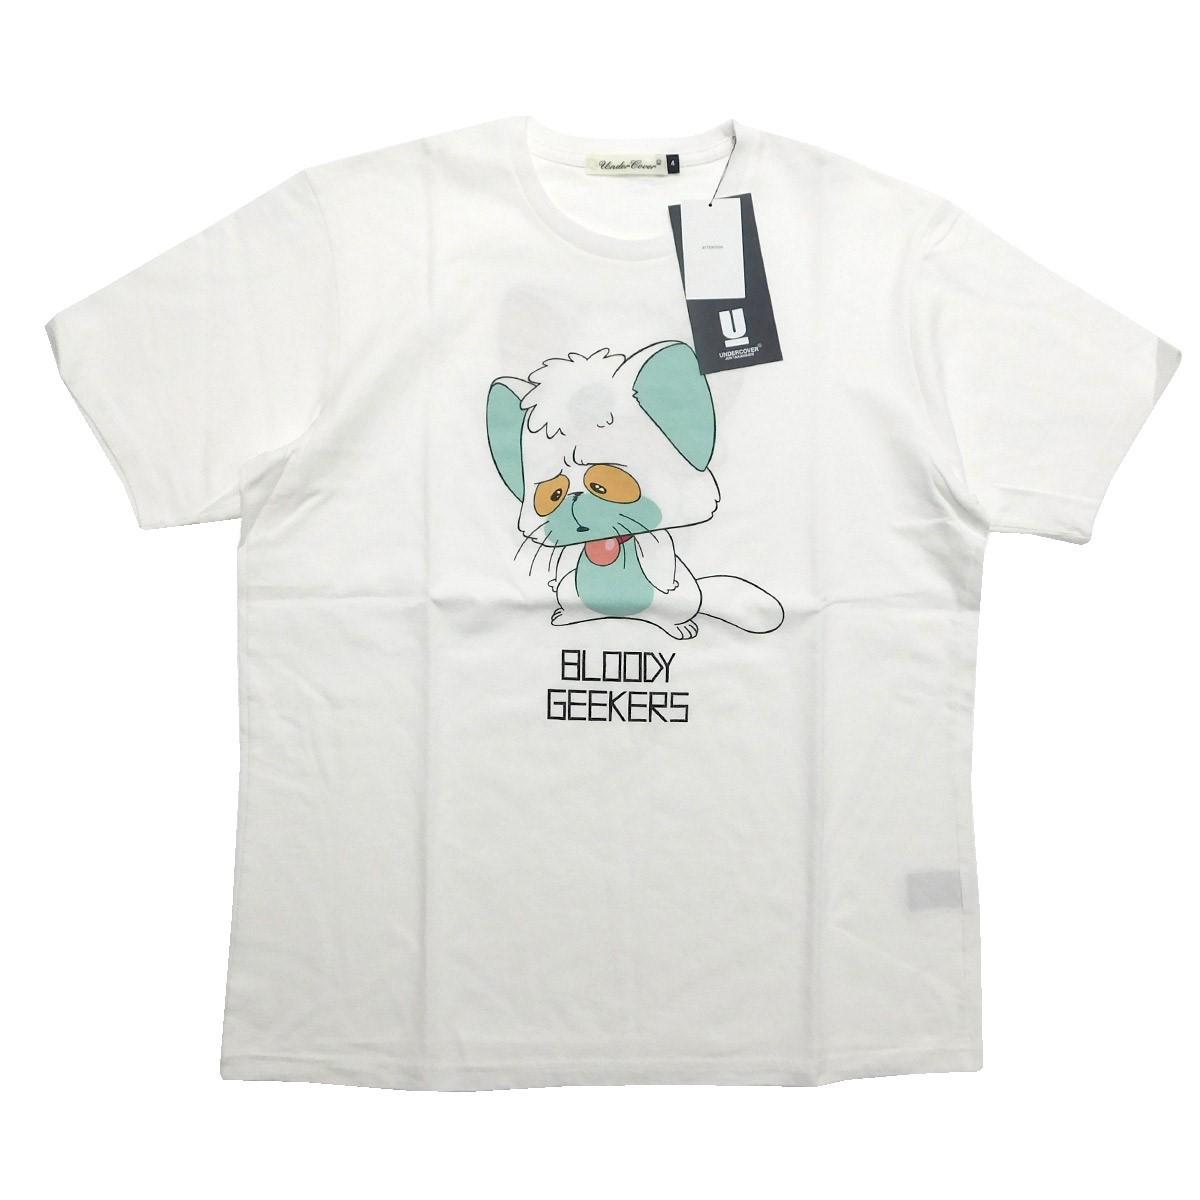 【中古】UNDERCOVER×魔法の天使クリィミーマミ 2019SS ネガ&ポジTシャツ ホワイト サイズ:4 【120520】(アンダーカバー)